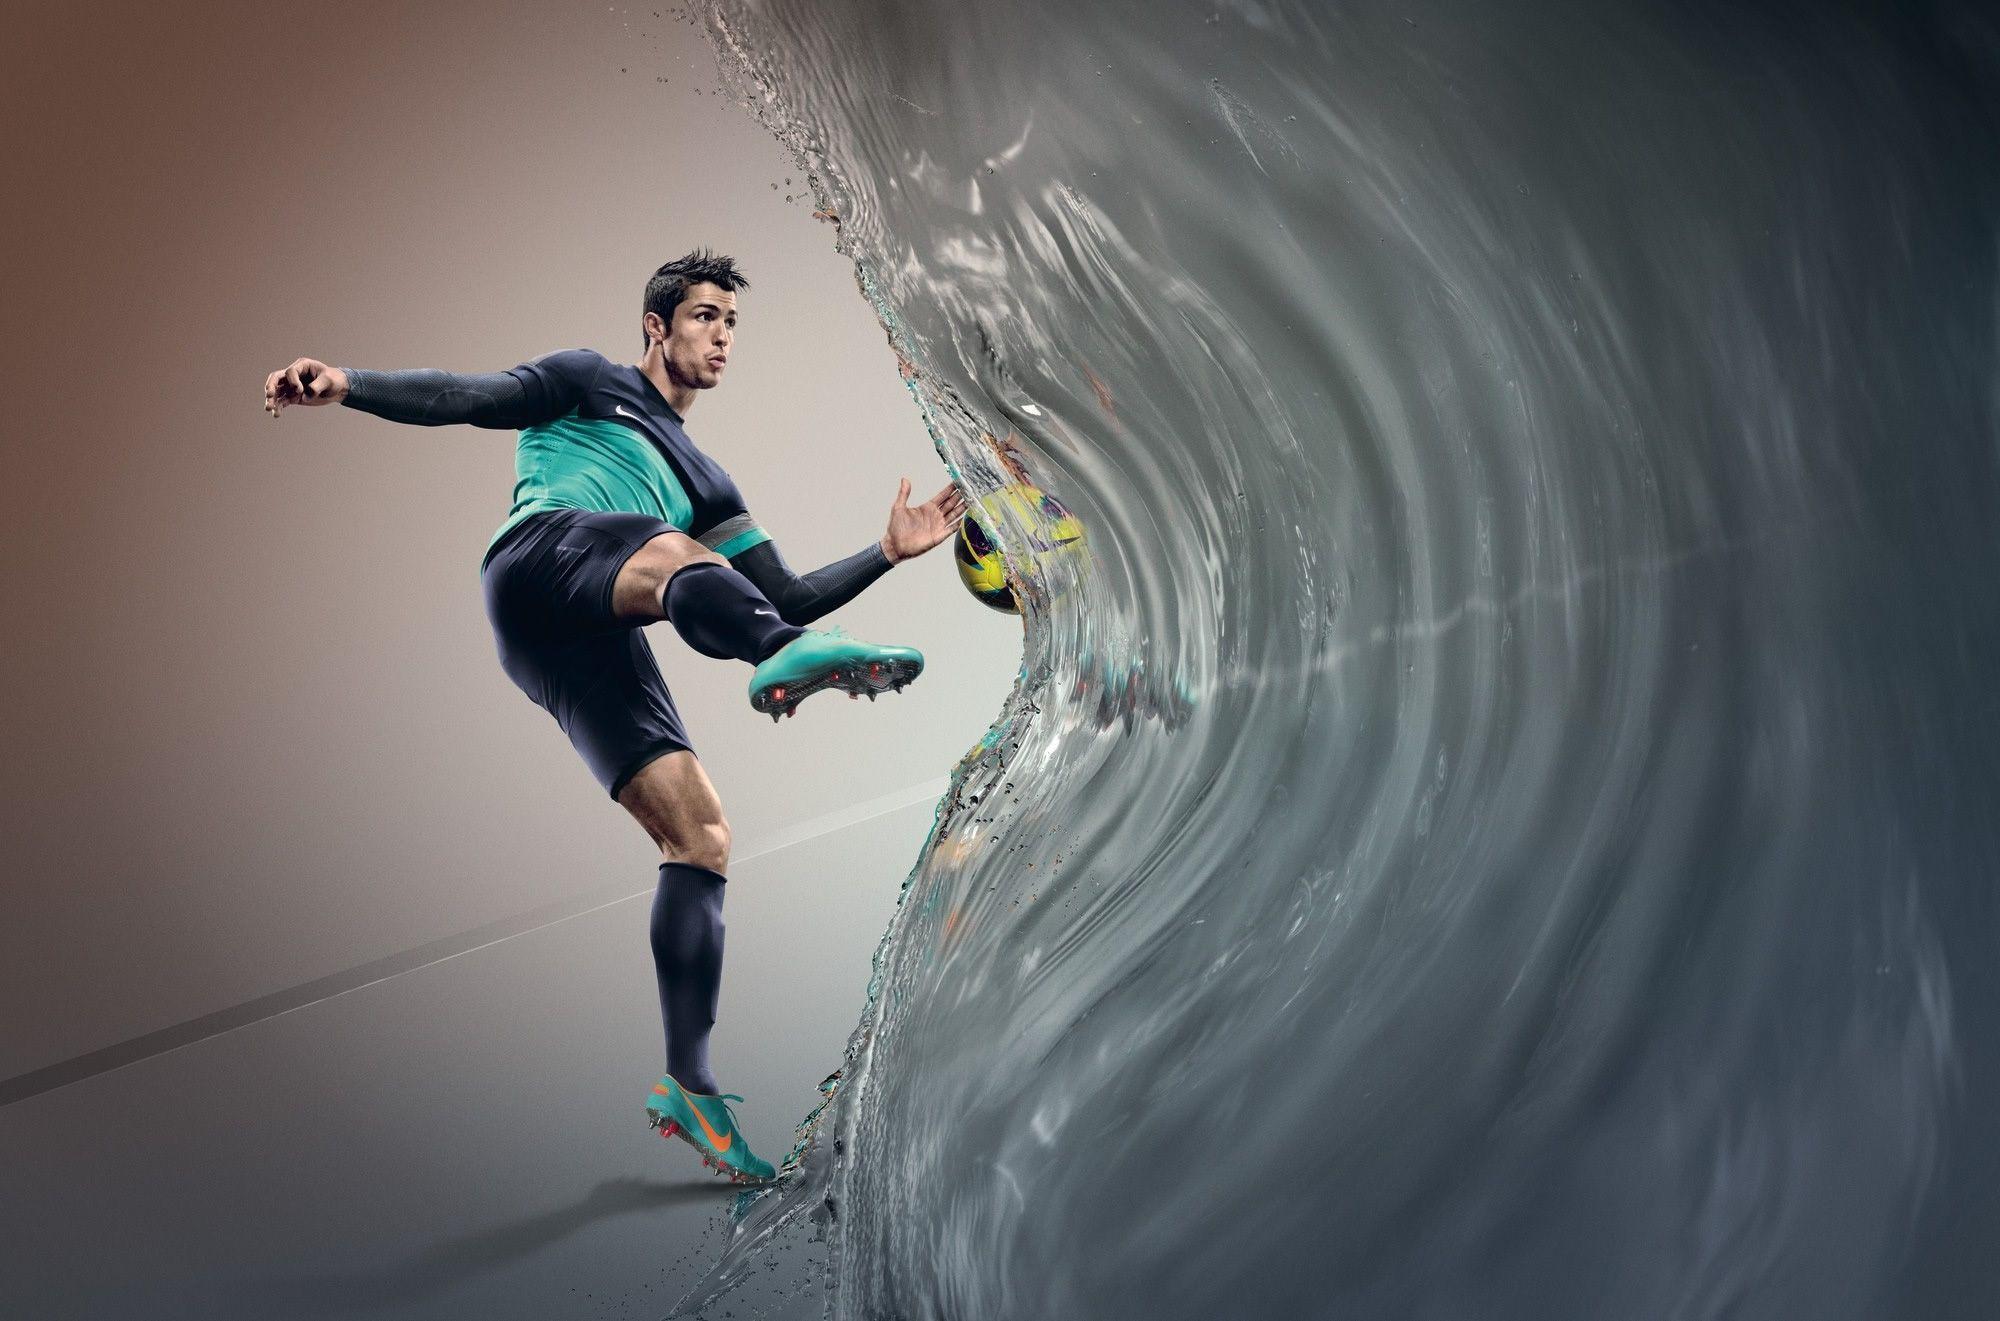 Hd wallpaper ronaldo - Cristiano Ronaldo Hd Wallpaper Images Pics Hd Wallpapers Blog 1440 900 C Ronaldo